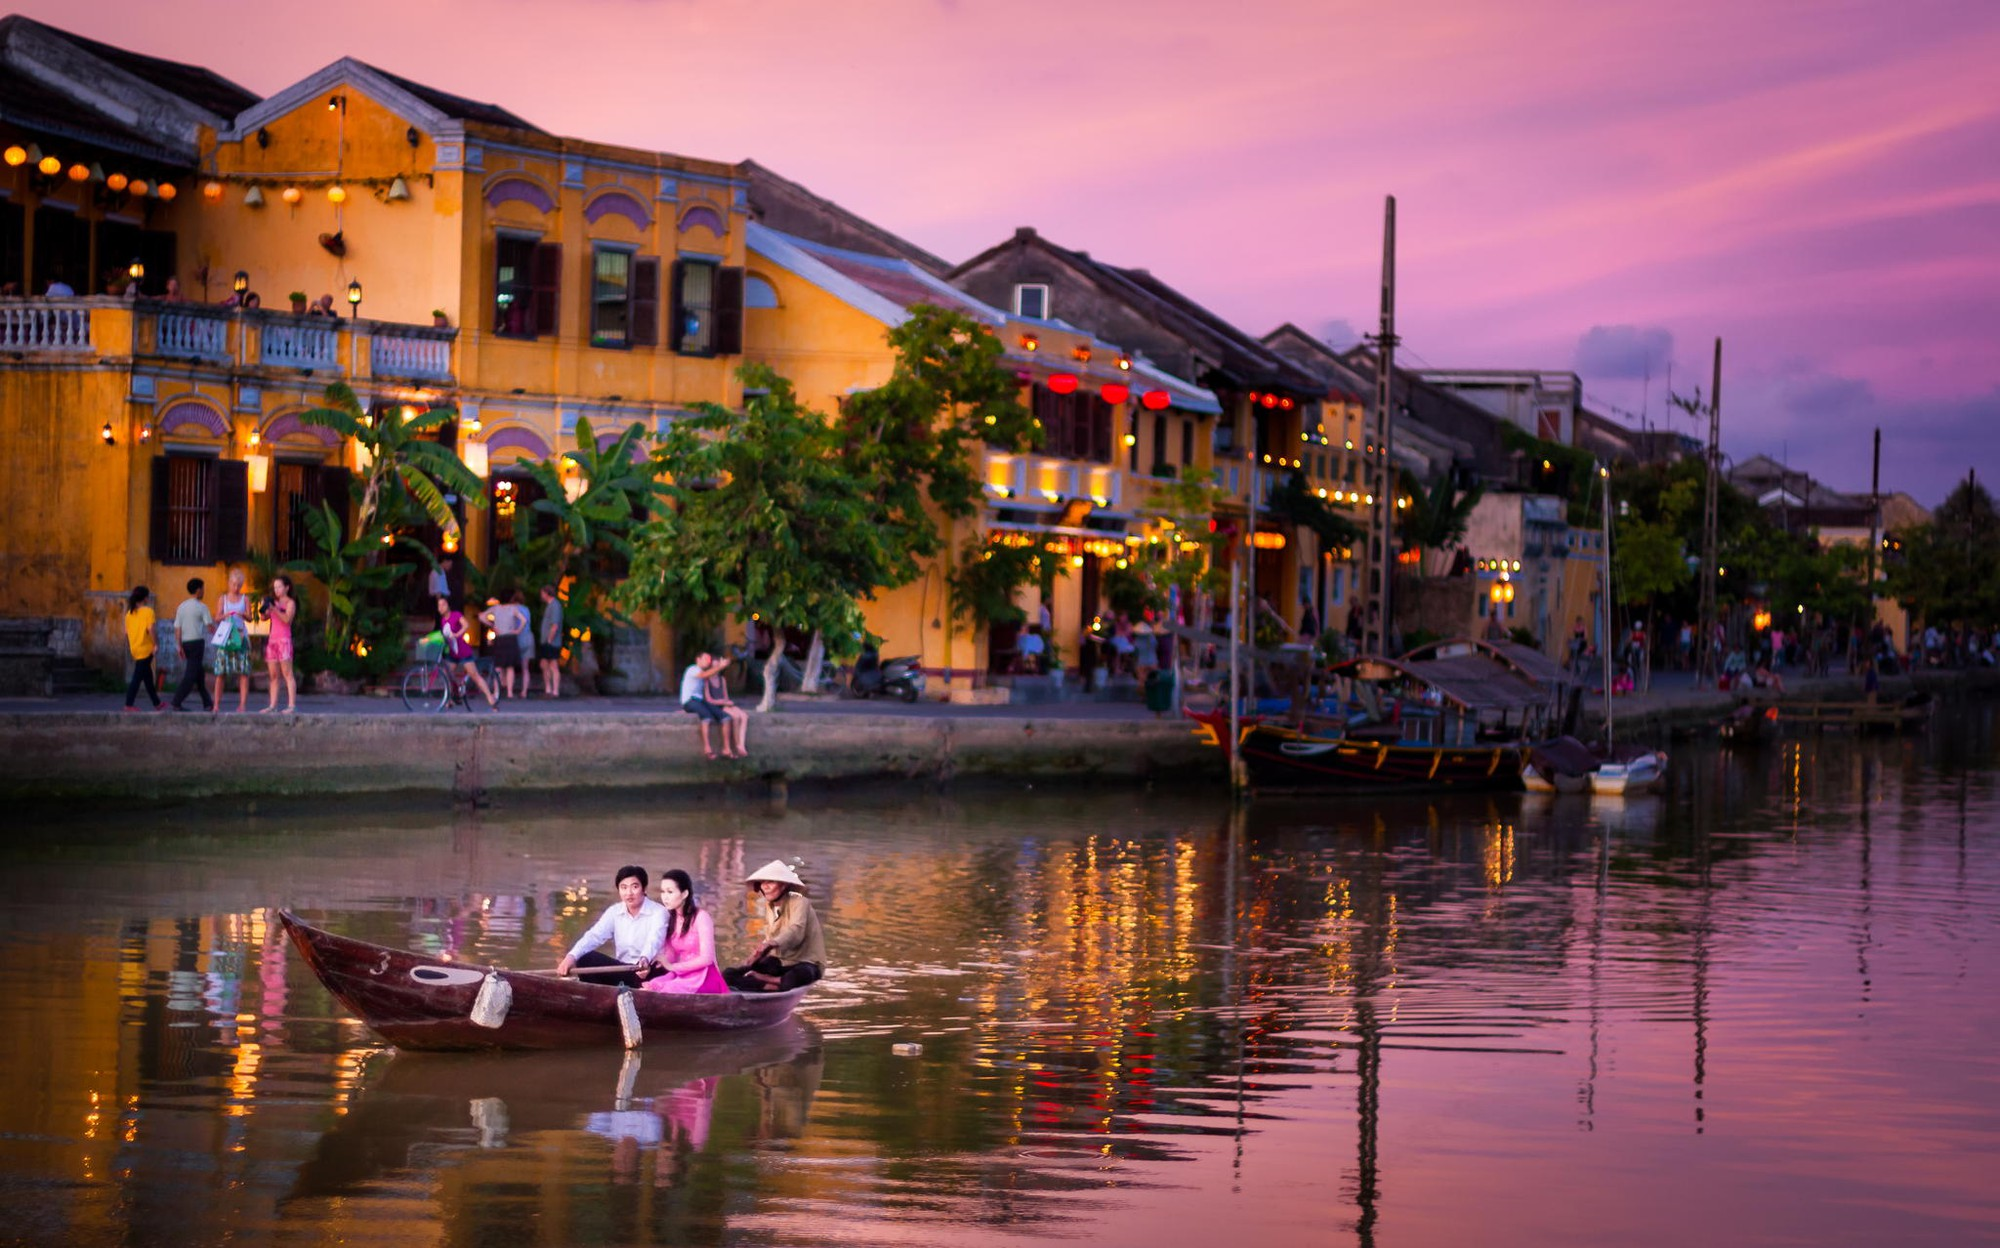 Báo quốc tế giải mã cơn sốt du lịch Việt Nam của người dân Hàn Quốc - Ảnh 2.